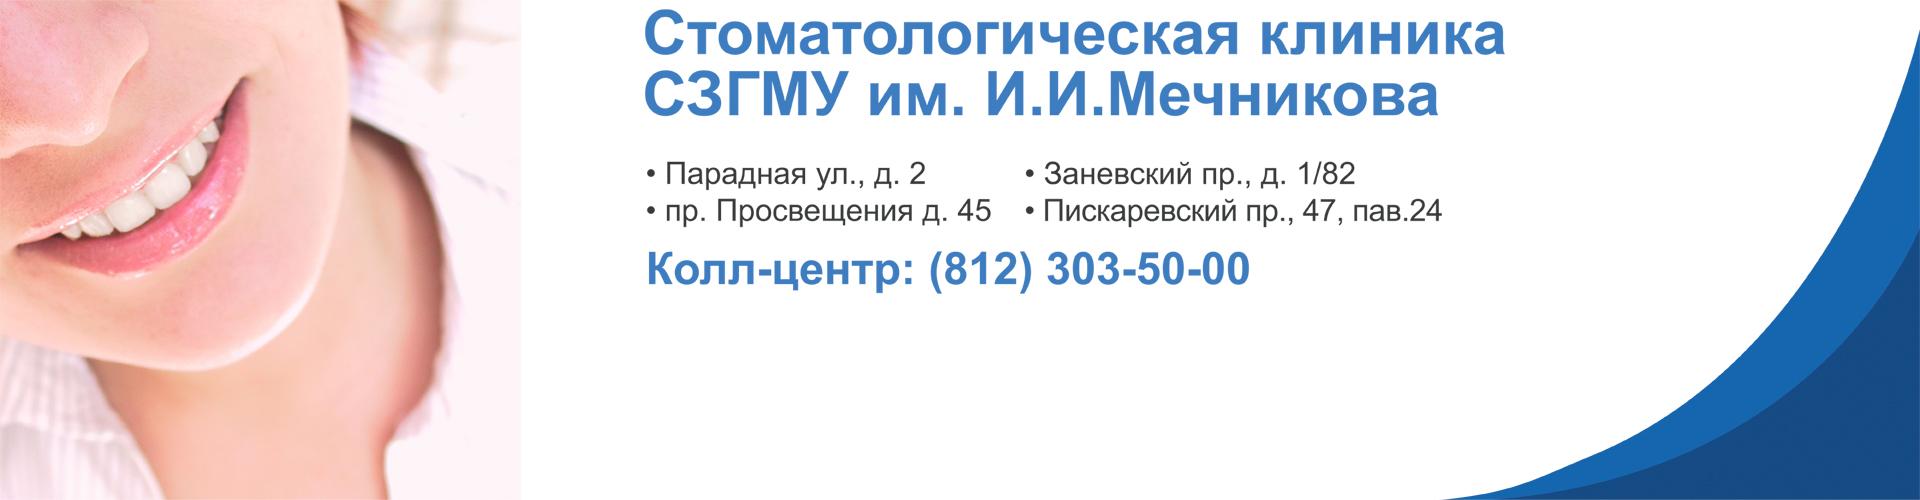 стомат выставка москва 2013 схема проезда